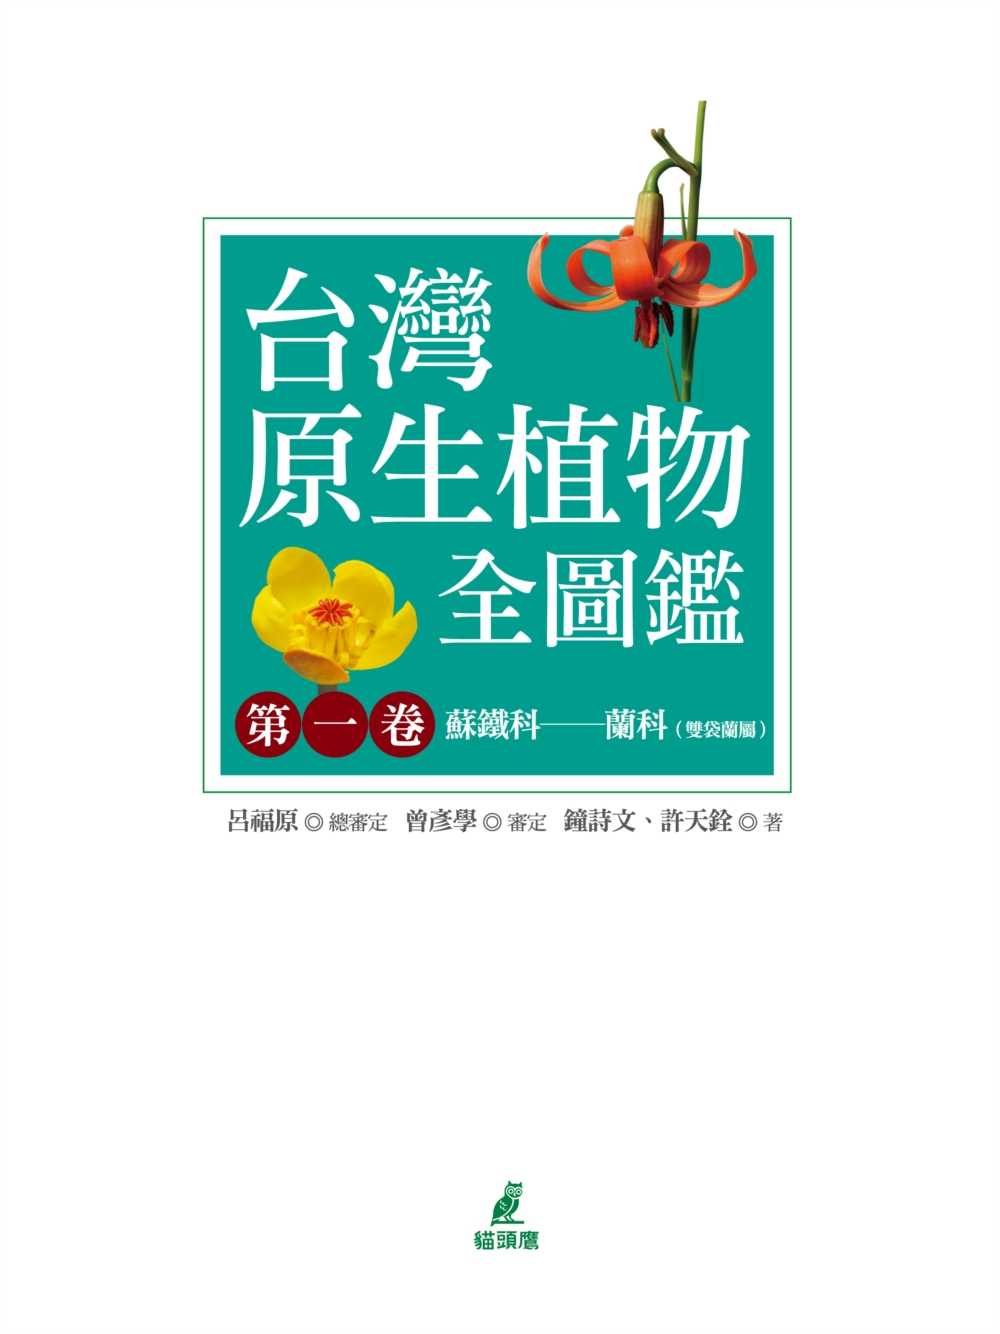 //im2.book.com.tw/image/getImage?i=http://www.books.com.tw/img/001/074/50/0010745089_b_01.jpg&v=5957227d&w=655&h=609